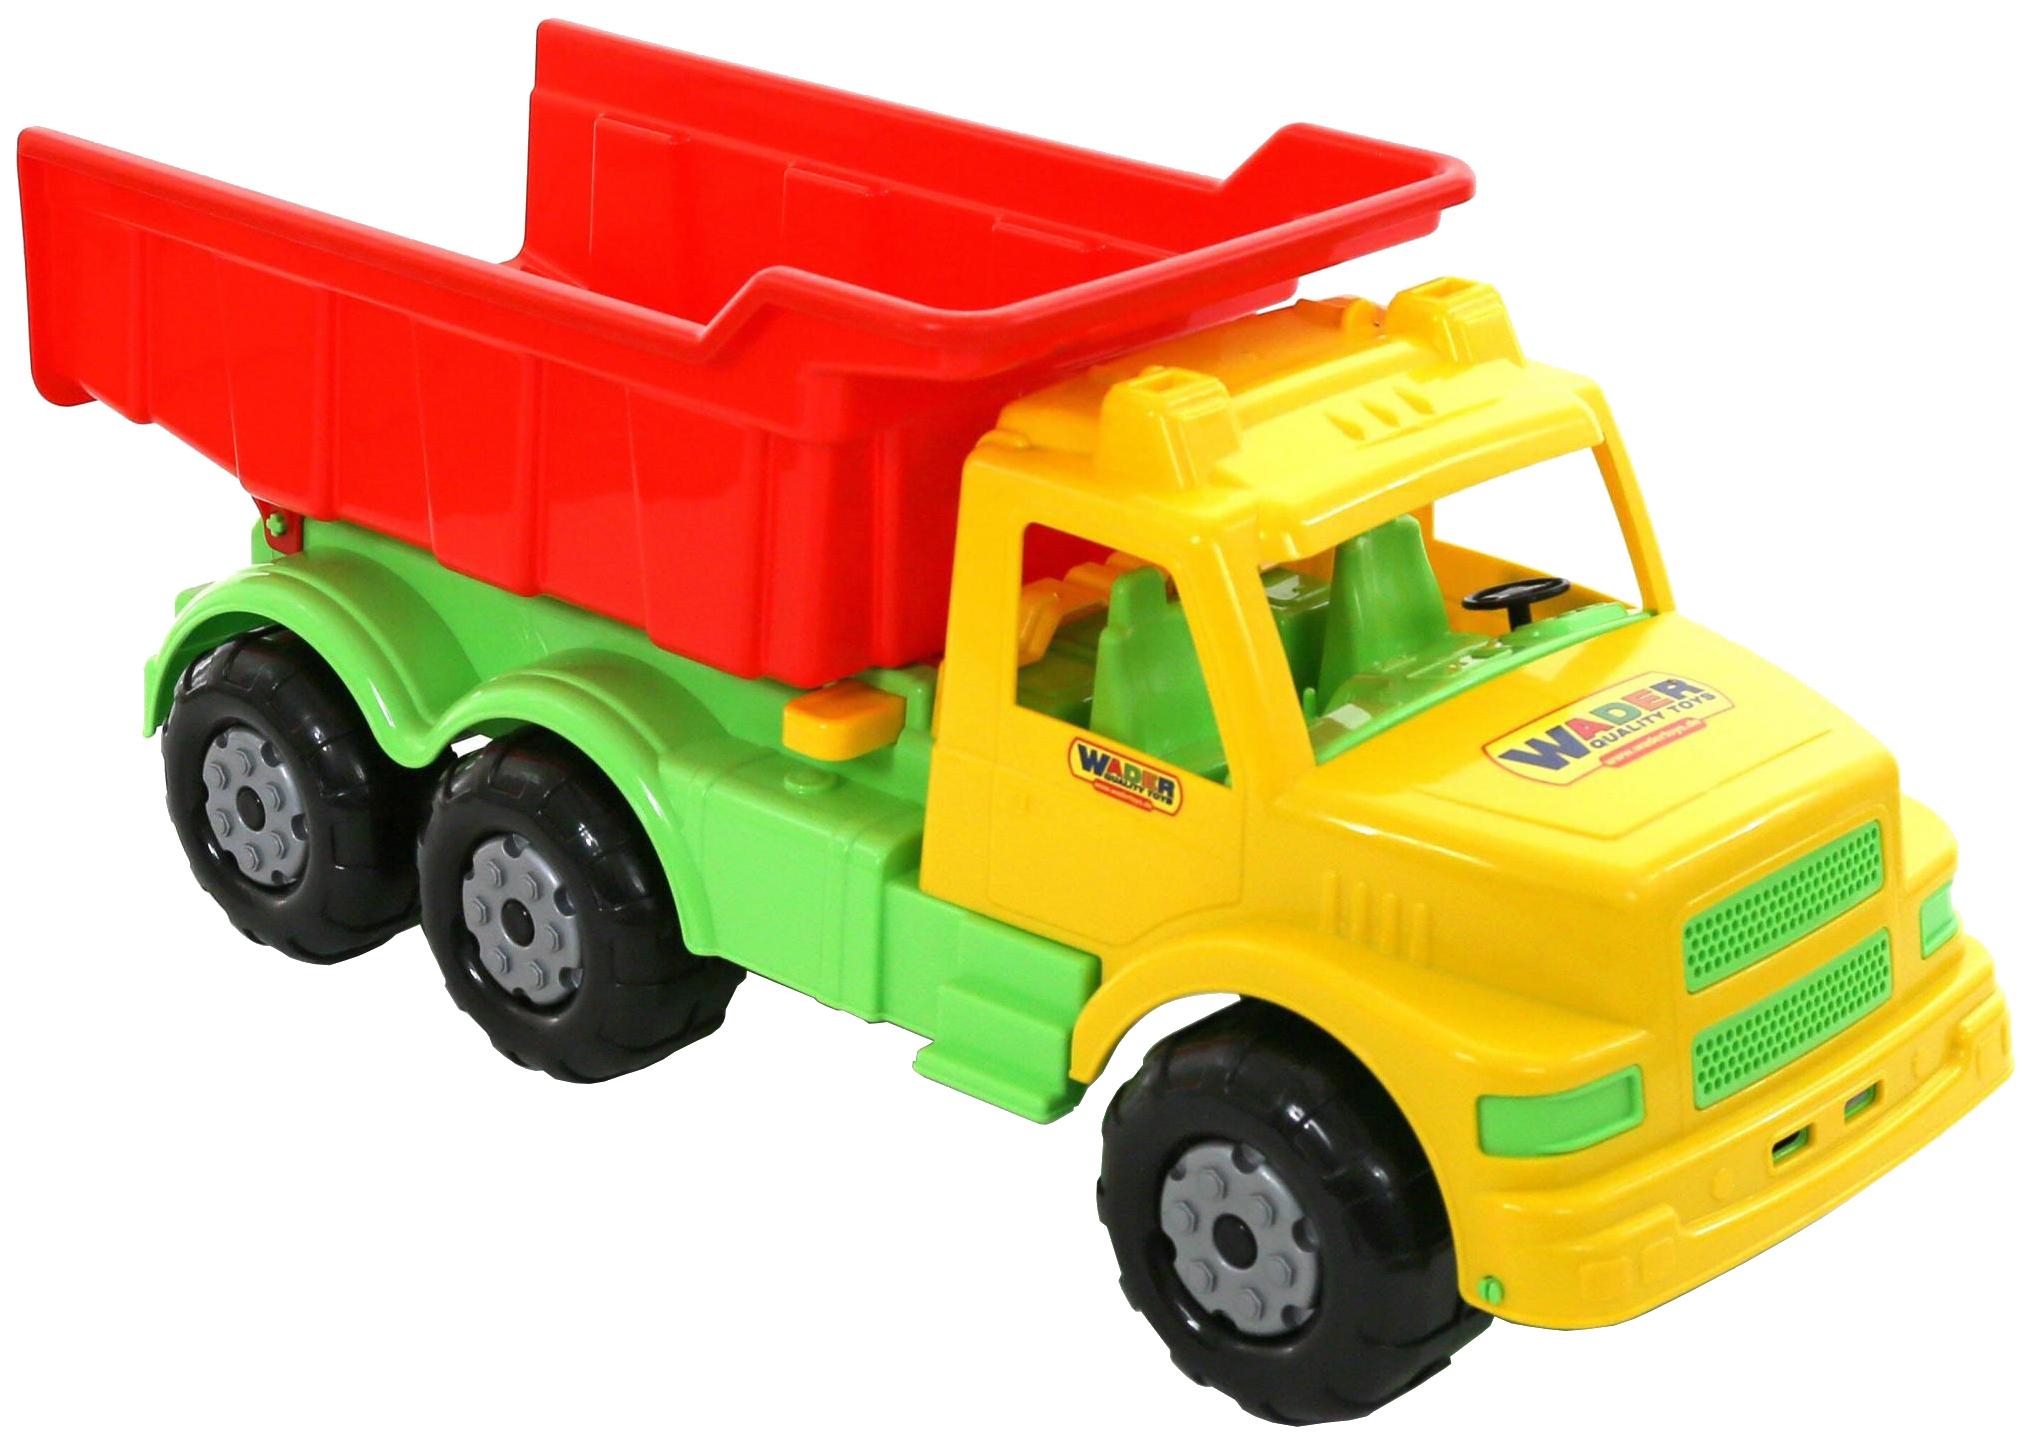 Купить Игрушки, Автомобиль-самосвал Wader Буран N1 жёлтый красный,